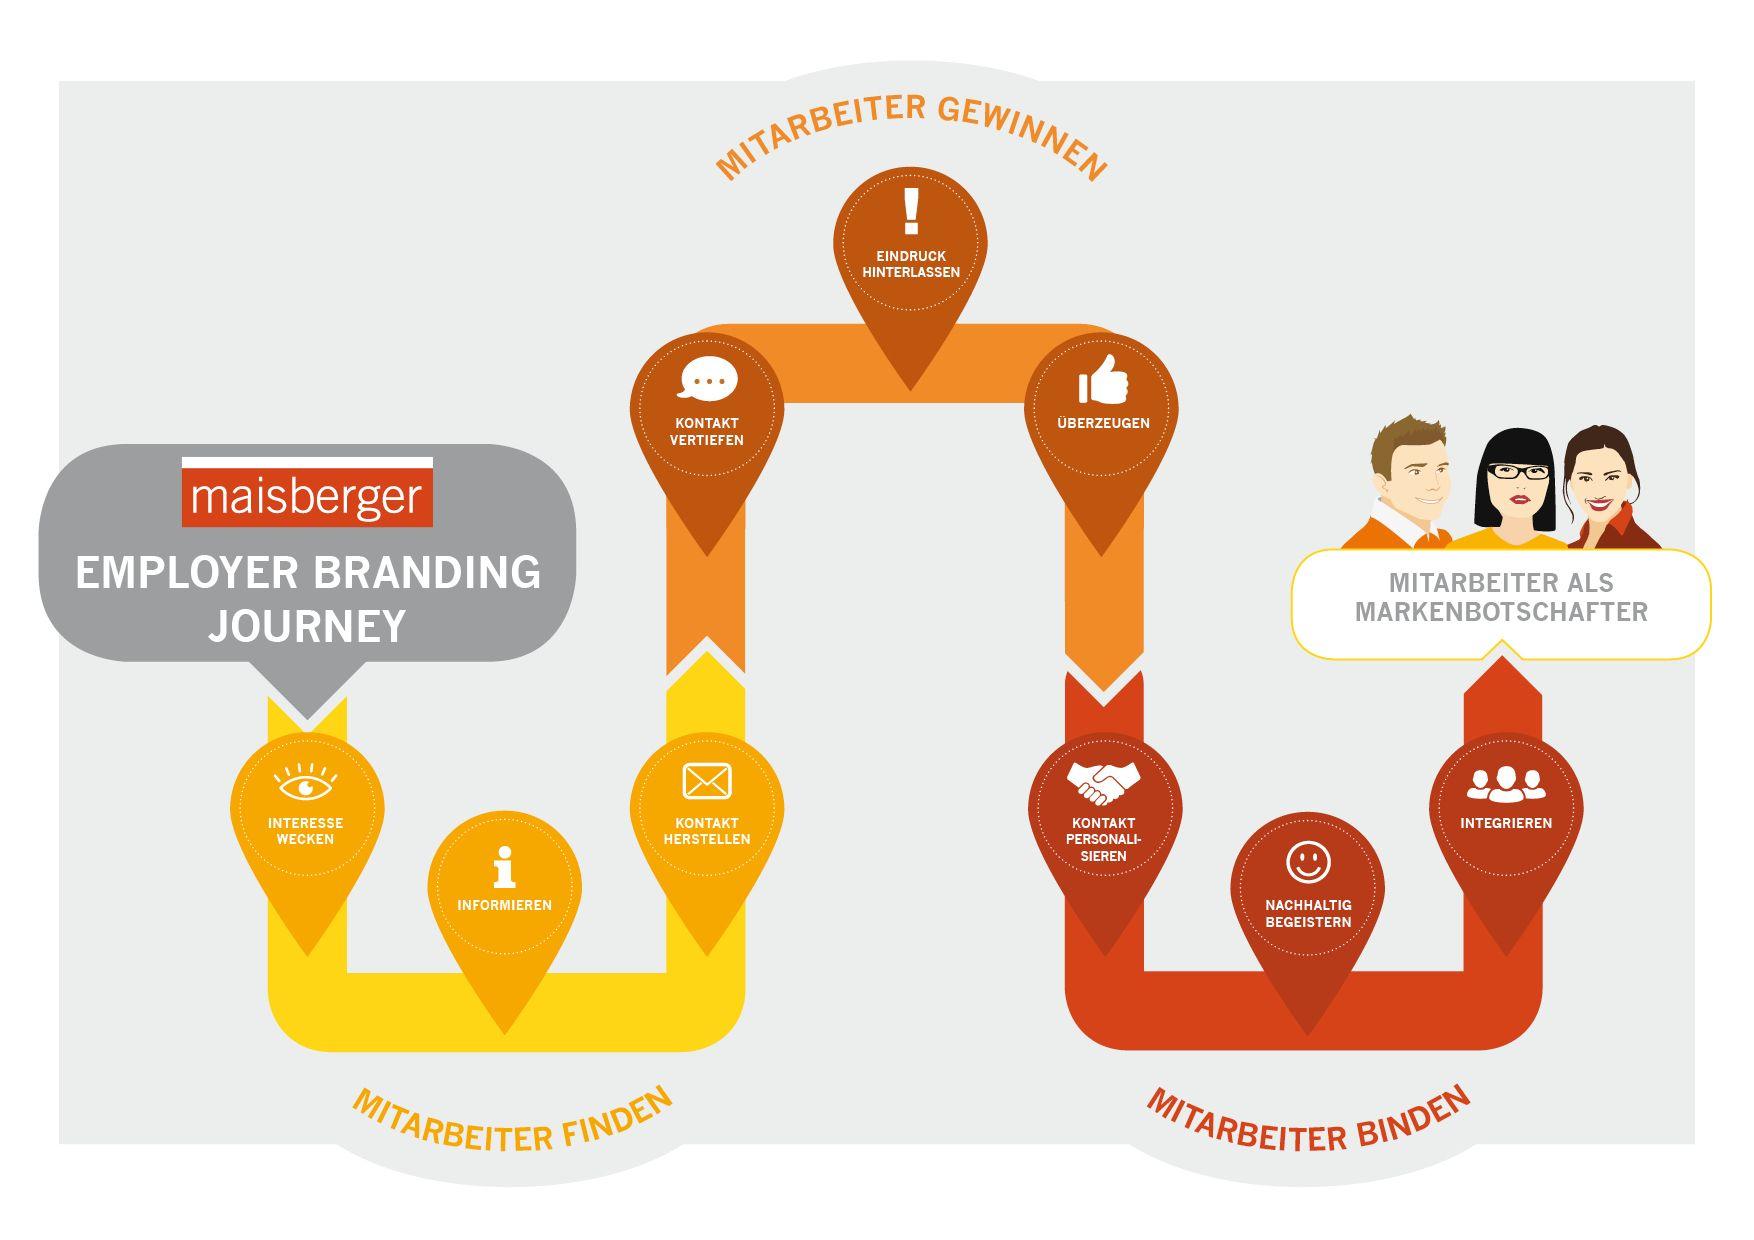 Von der Candidate zur Employee Experience: die Maisberger Employer Branding Journey- human-centered-communications